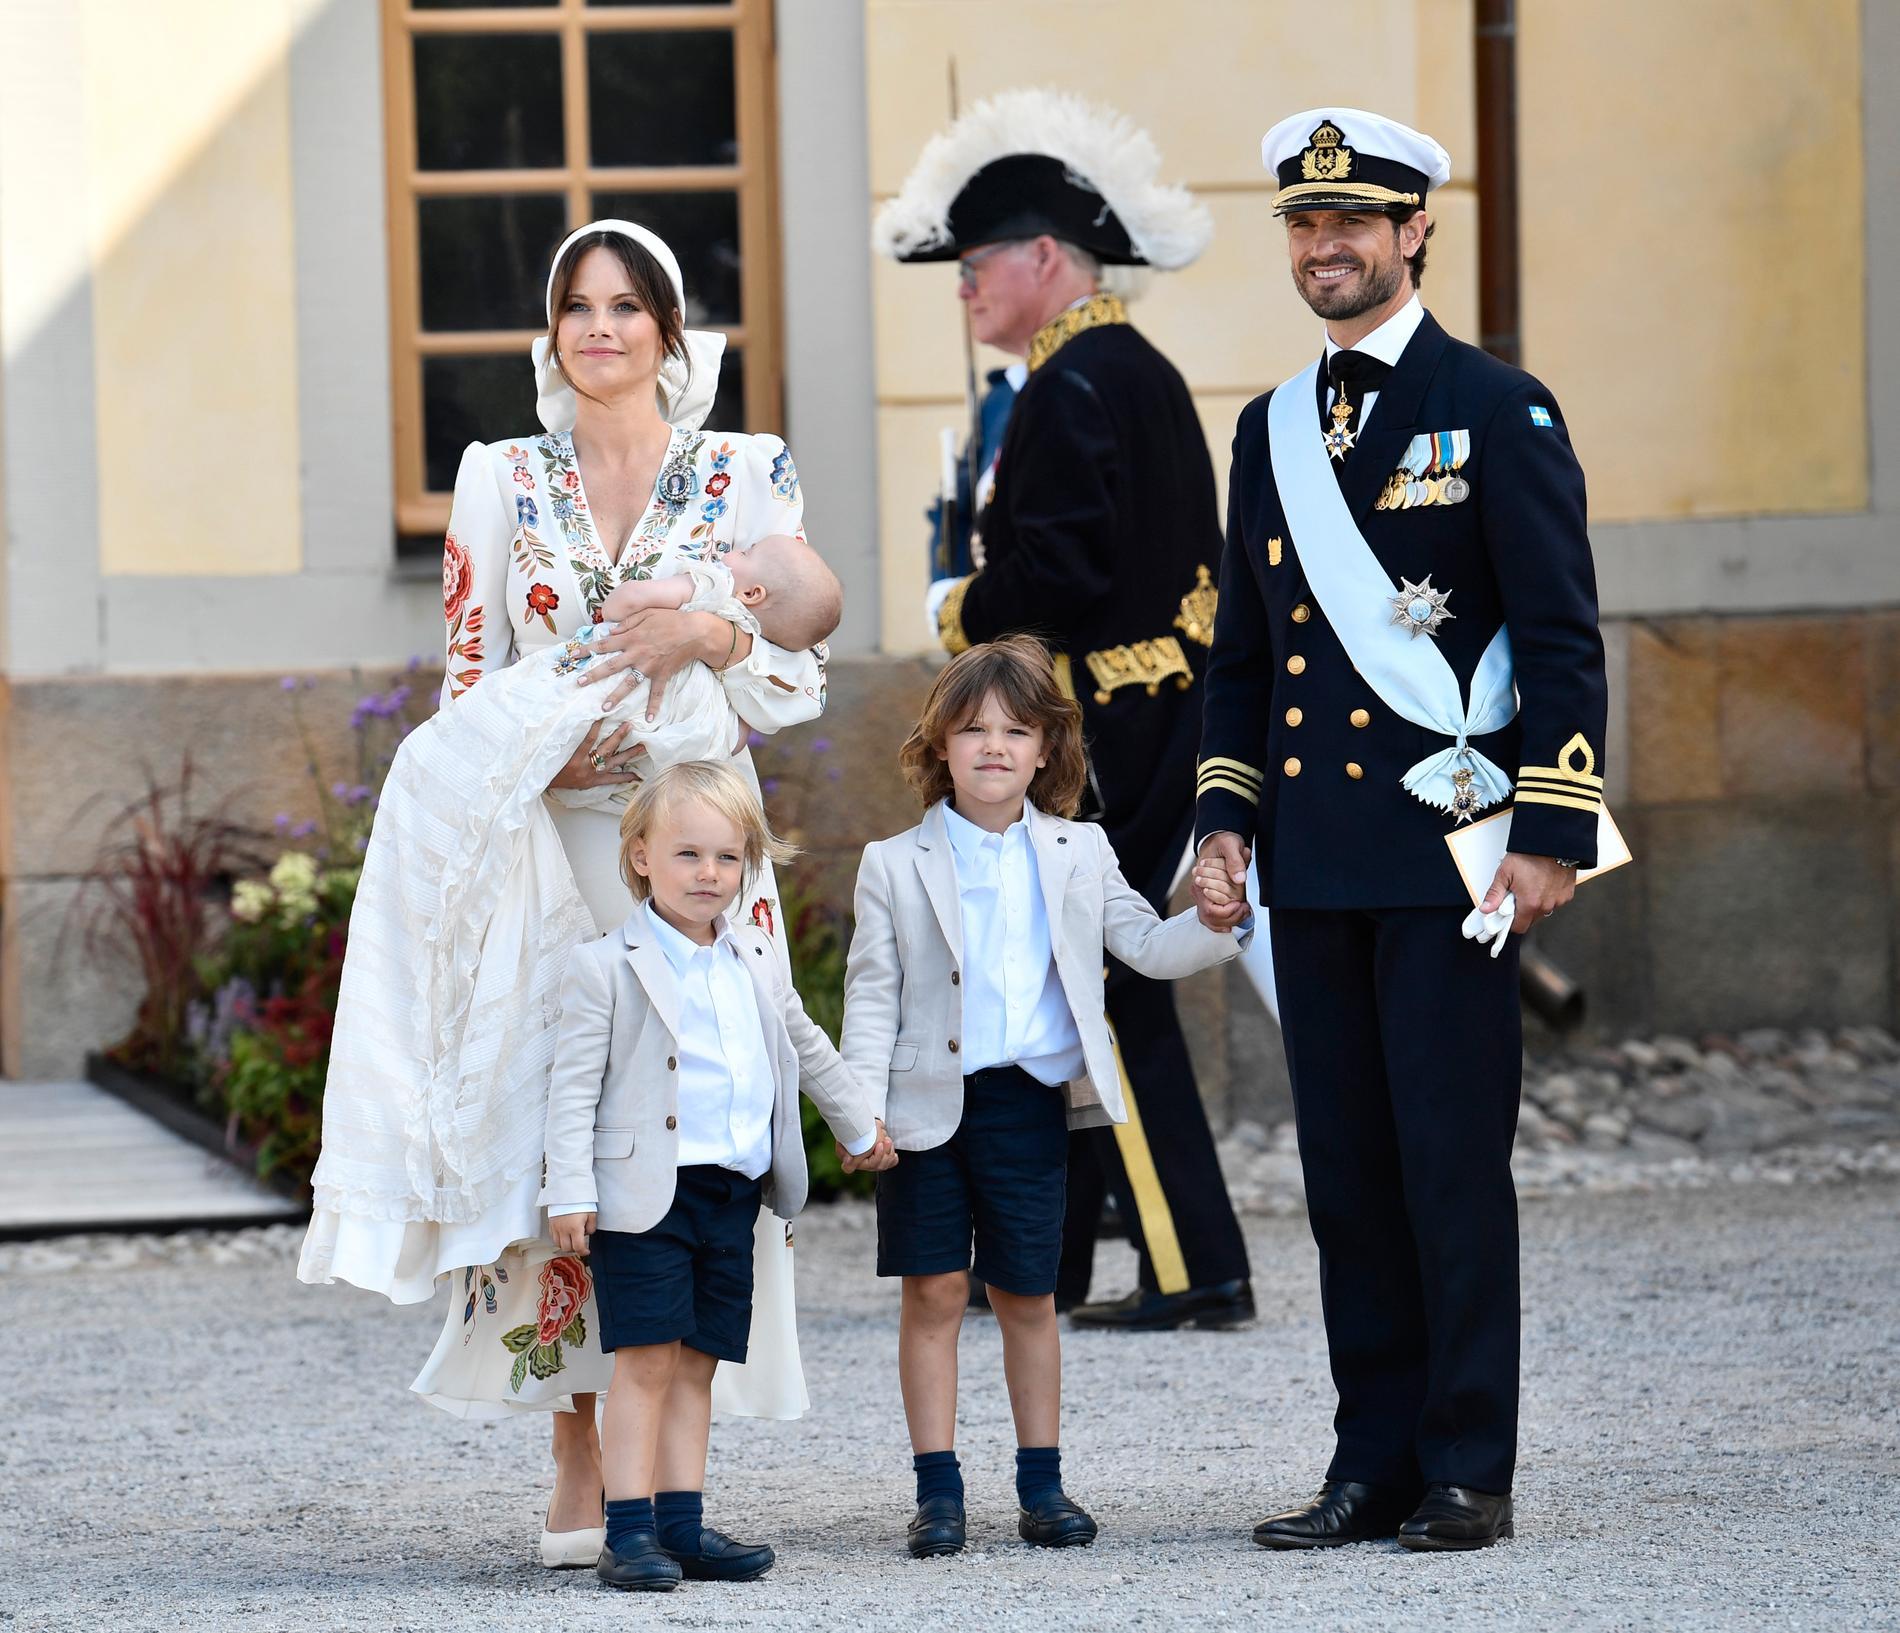 Prinsessan Sofia som håller prins Julian, prins Gabriel, prins Alexander och prins Carl Philip.